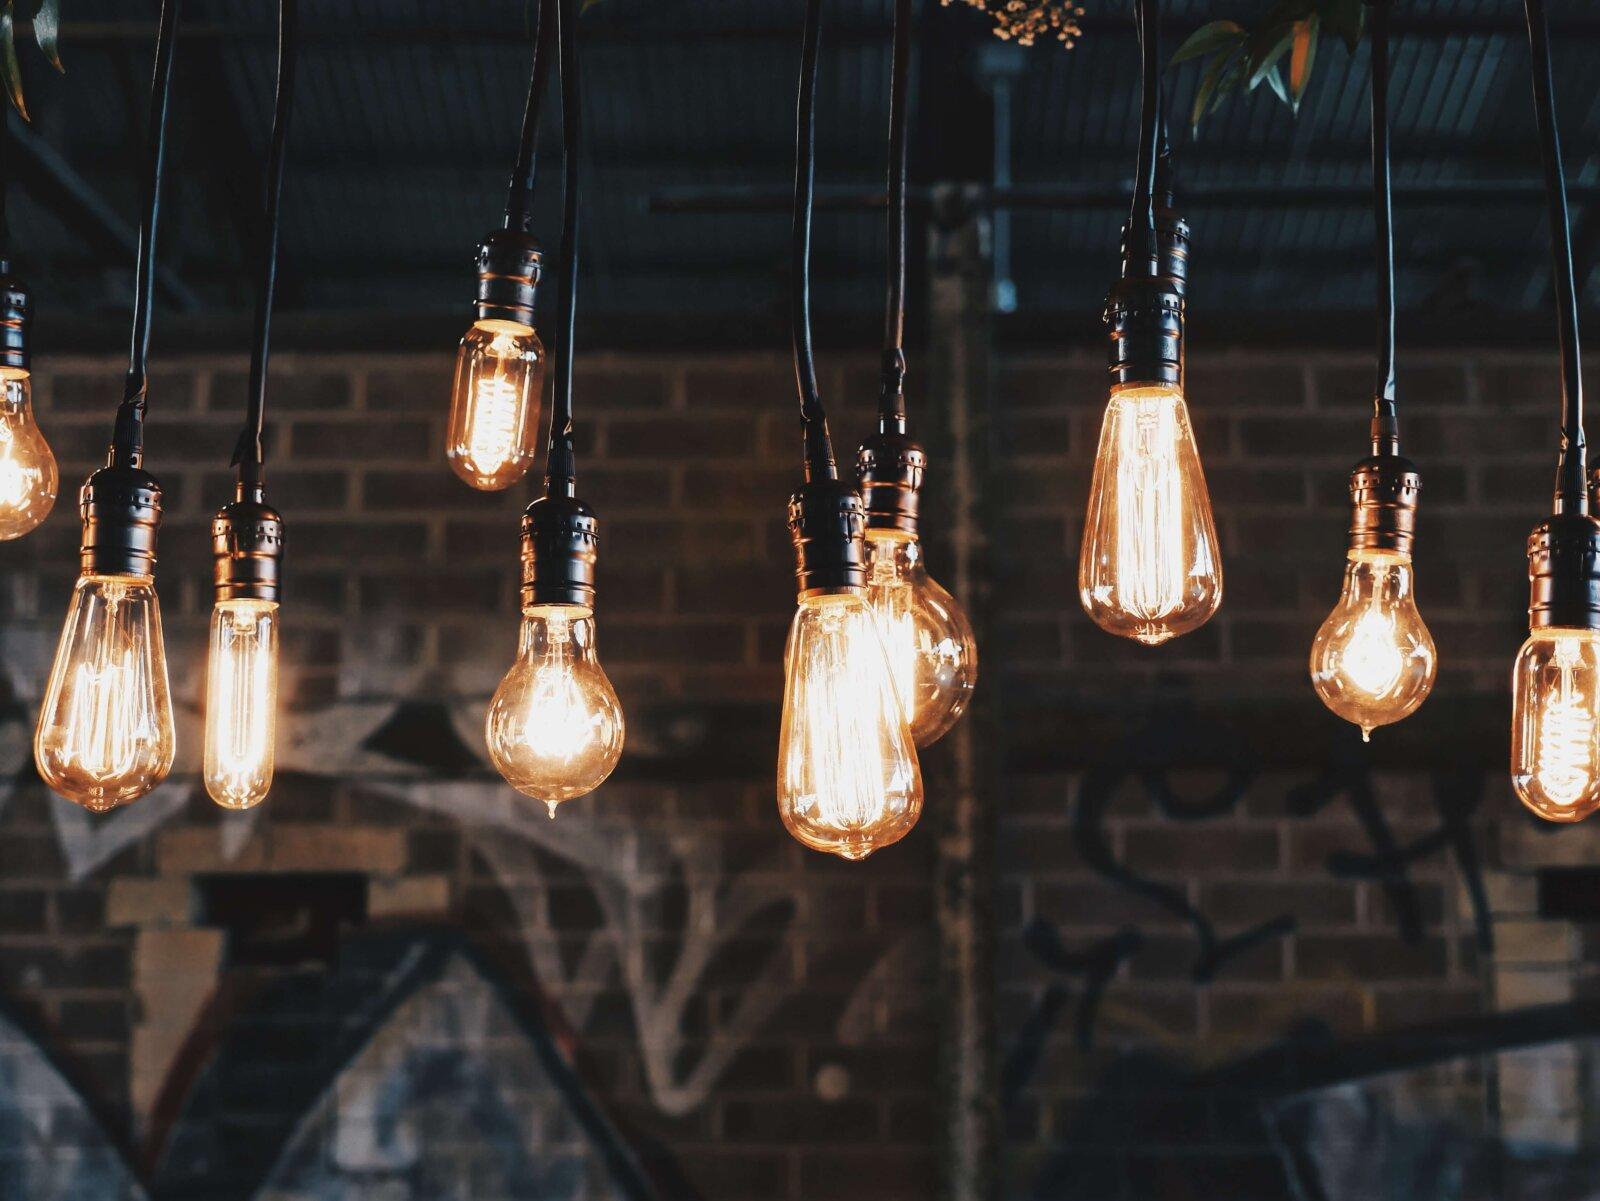 как найти идеи для бизнеса